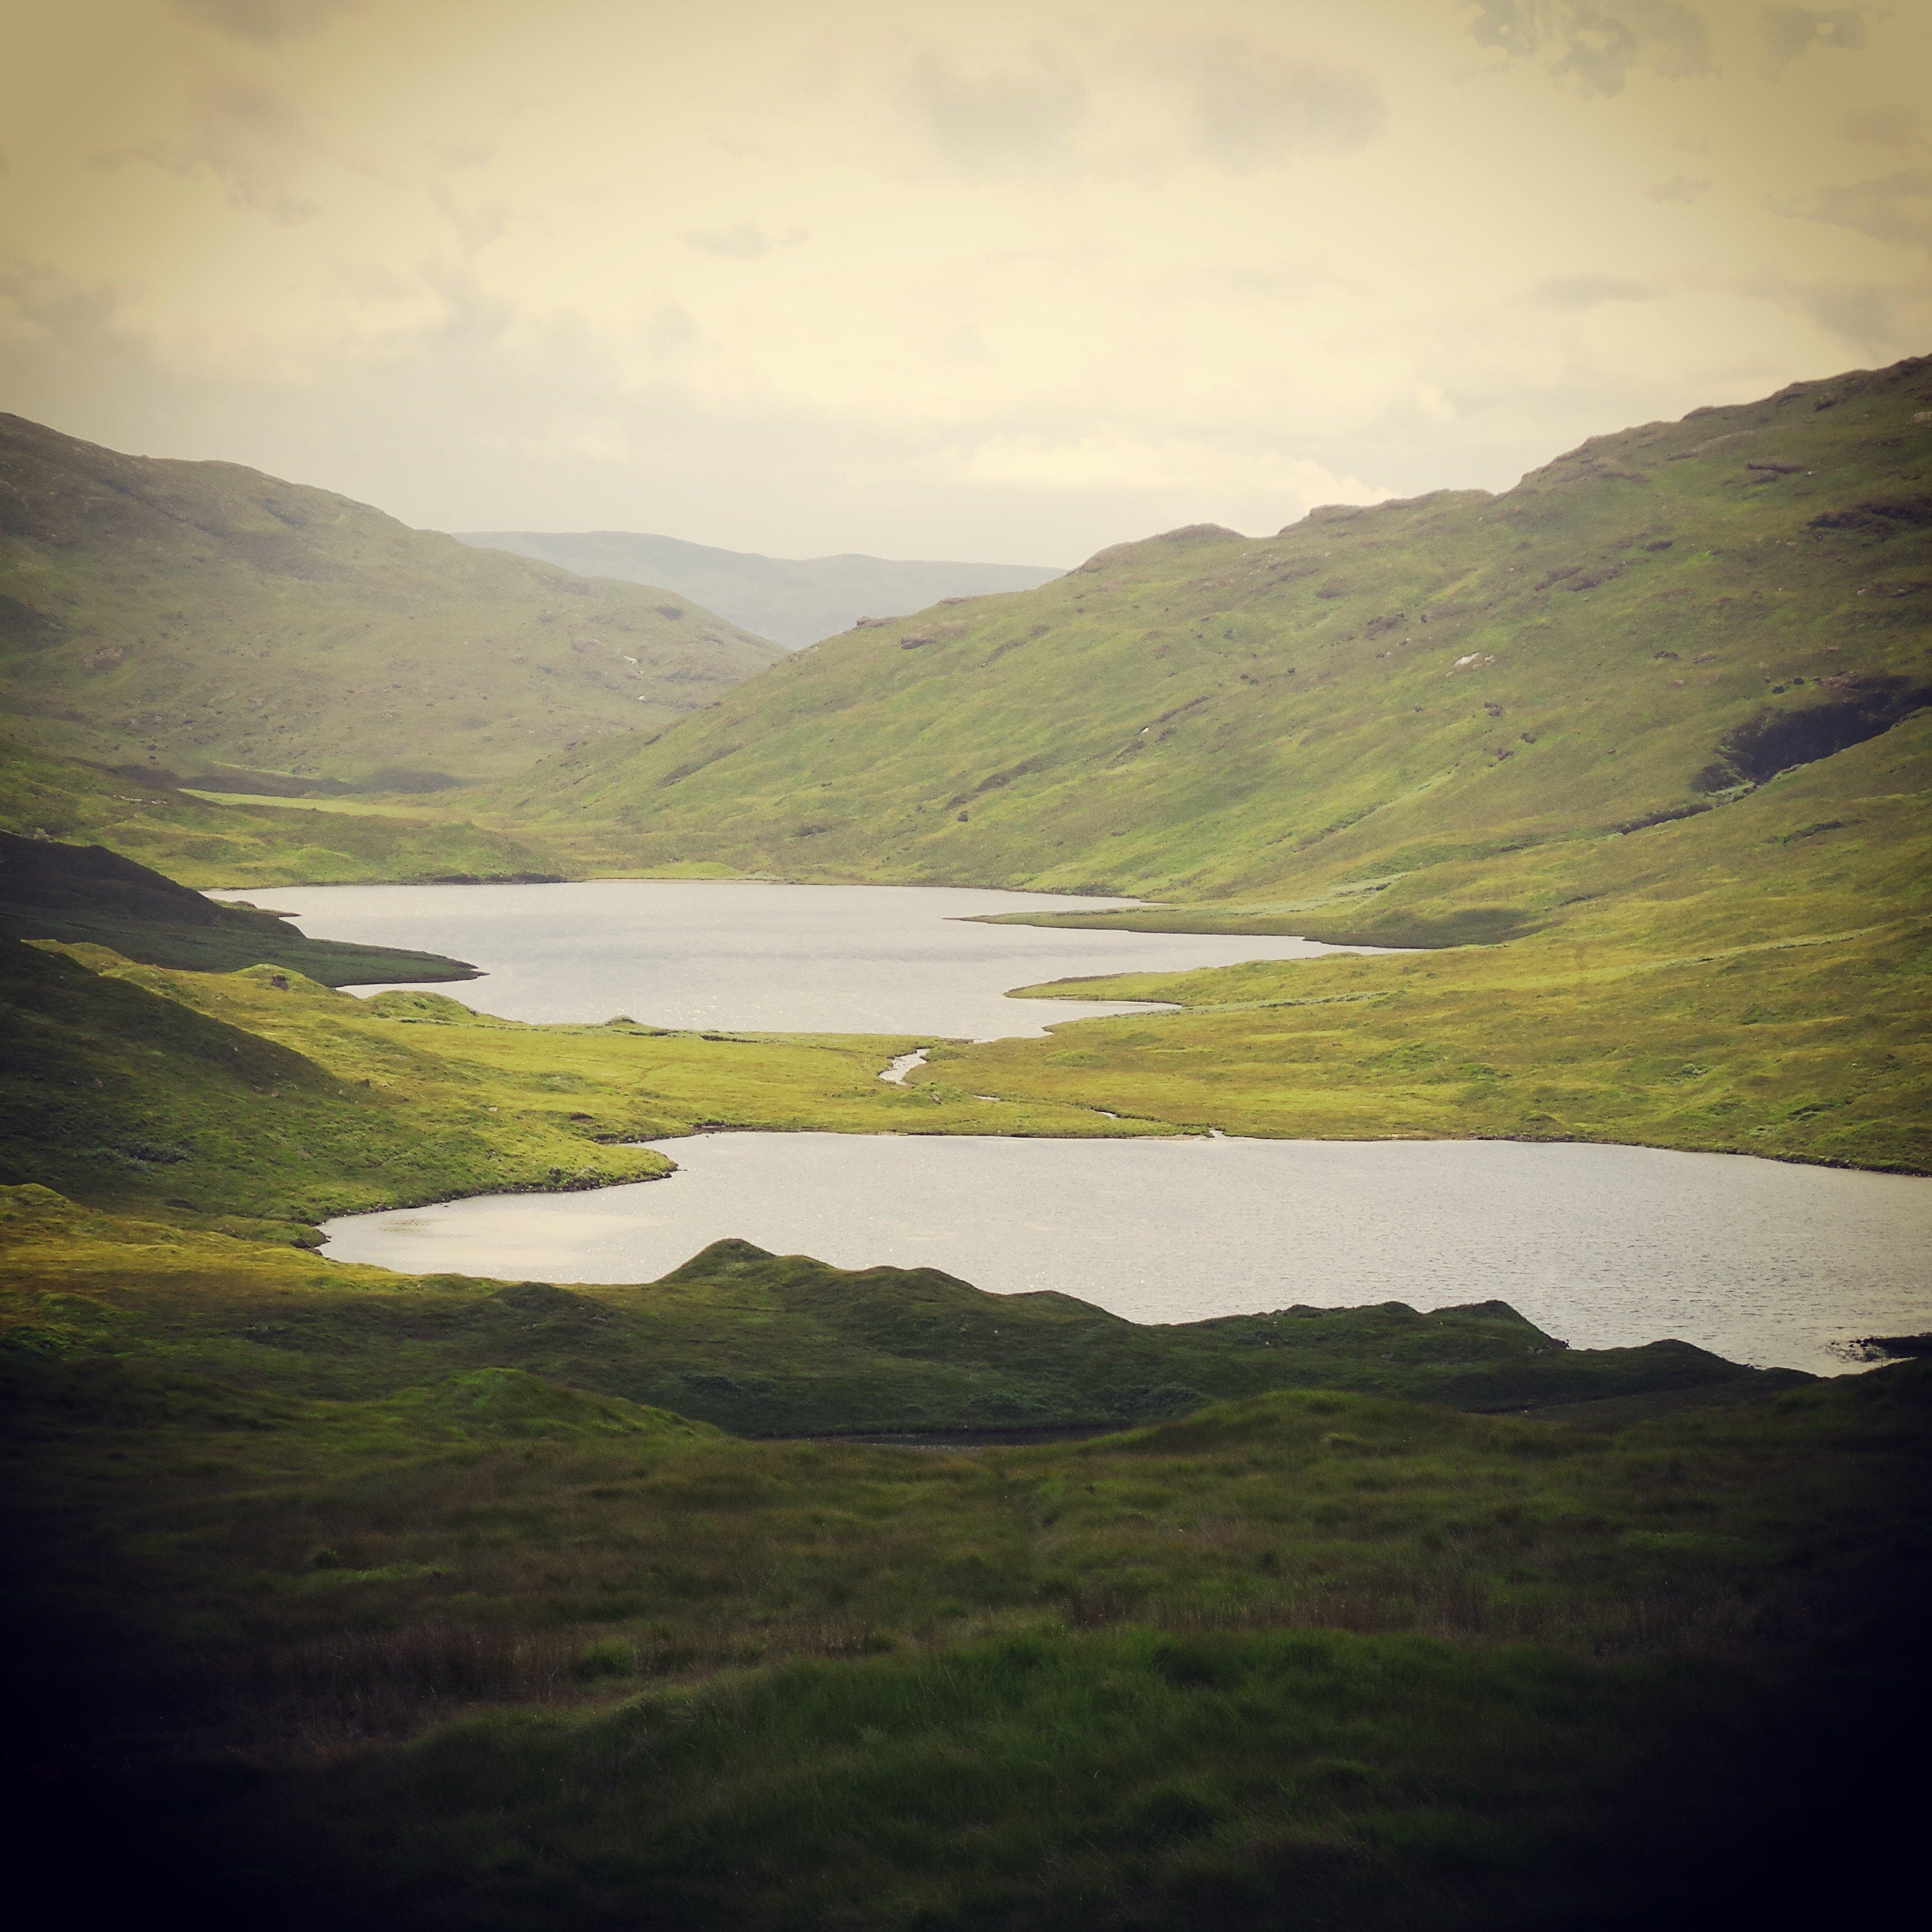 Paysage fantastique de l'île de Mull